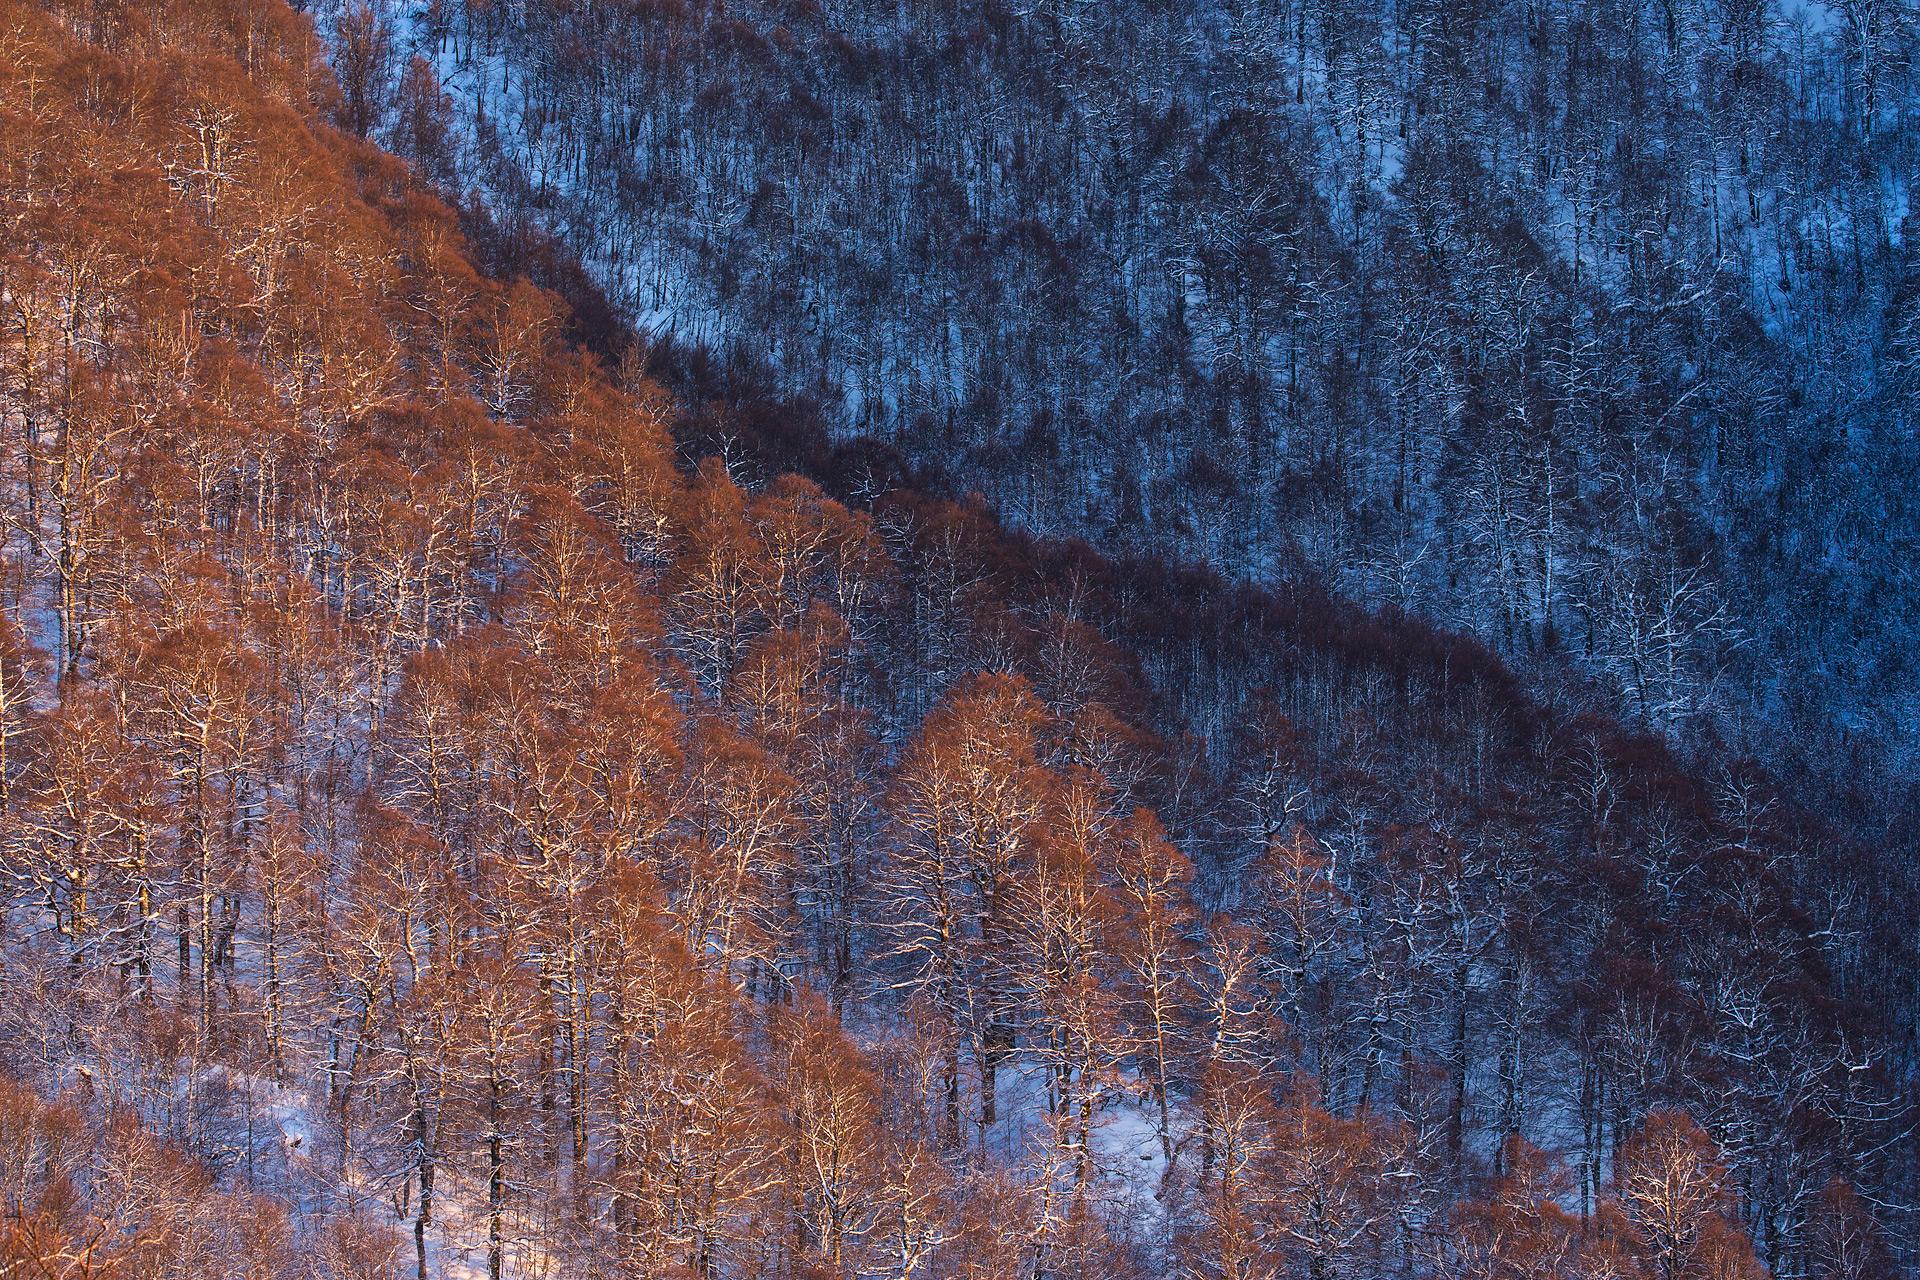 La protezione delle nostre foreste non è solo una scelta dettata da valori puramente scientifici o estetici, ma di fatto essenziale per la nostra stessa sopravvivenza!